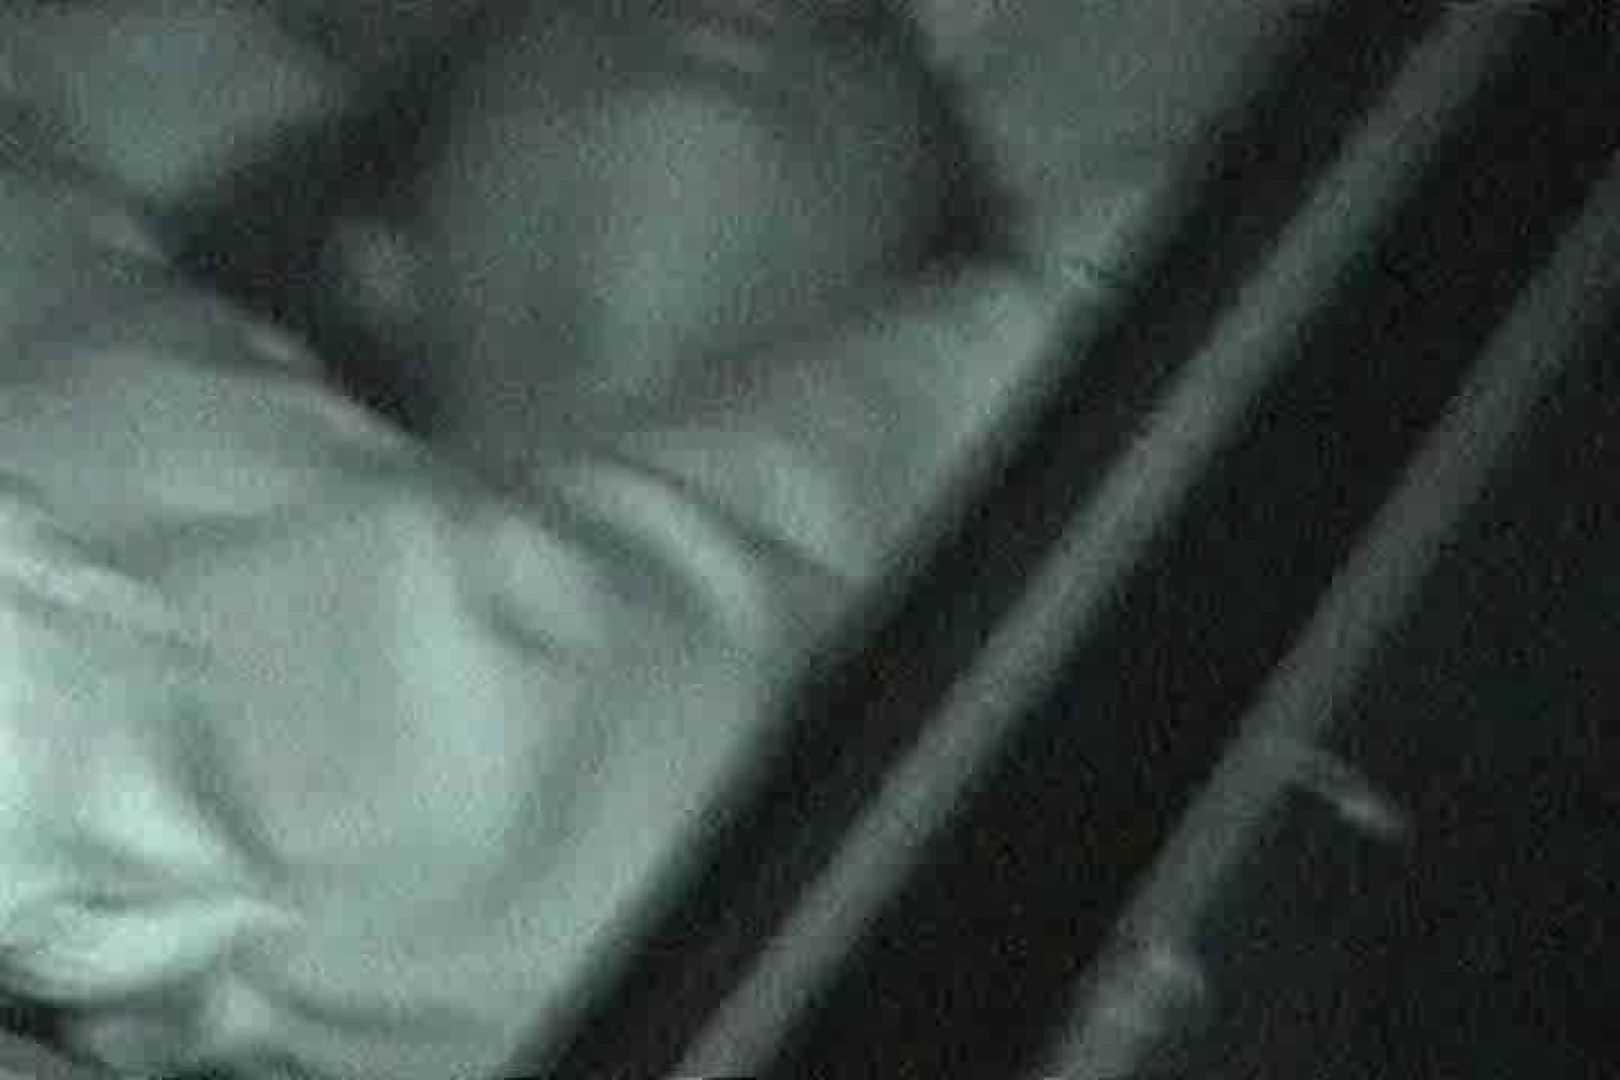 充血監督の深夜の運動会Vol.103 ぽっちゃり | OLエロ画像  72PICs 45